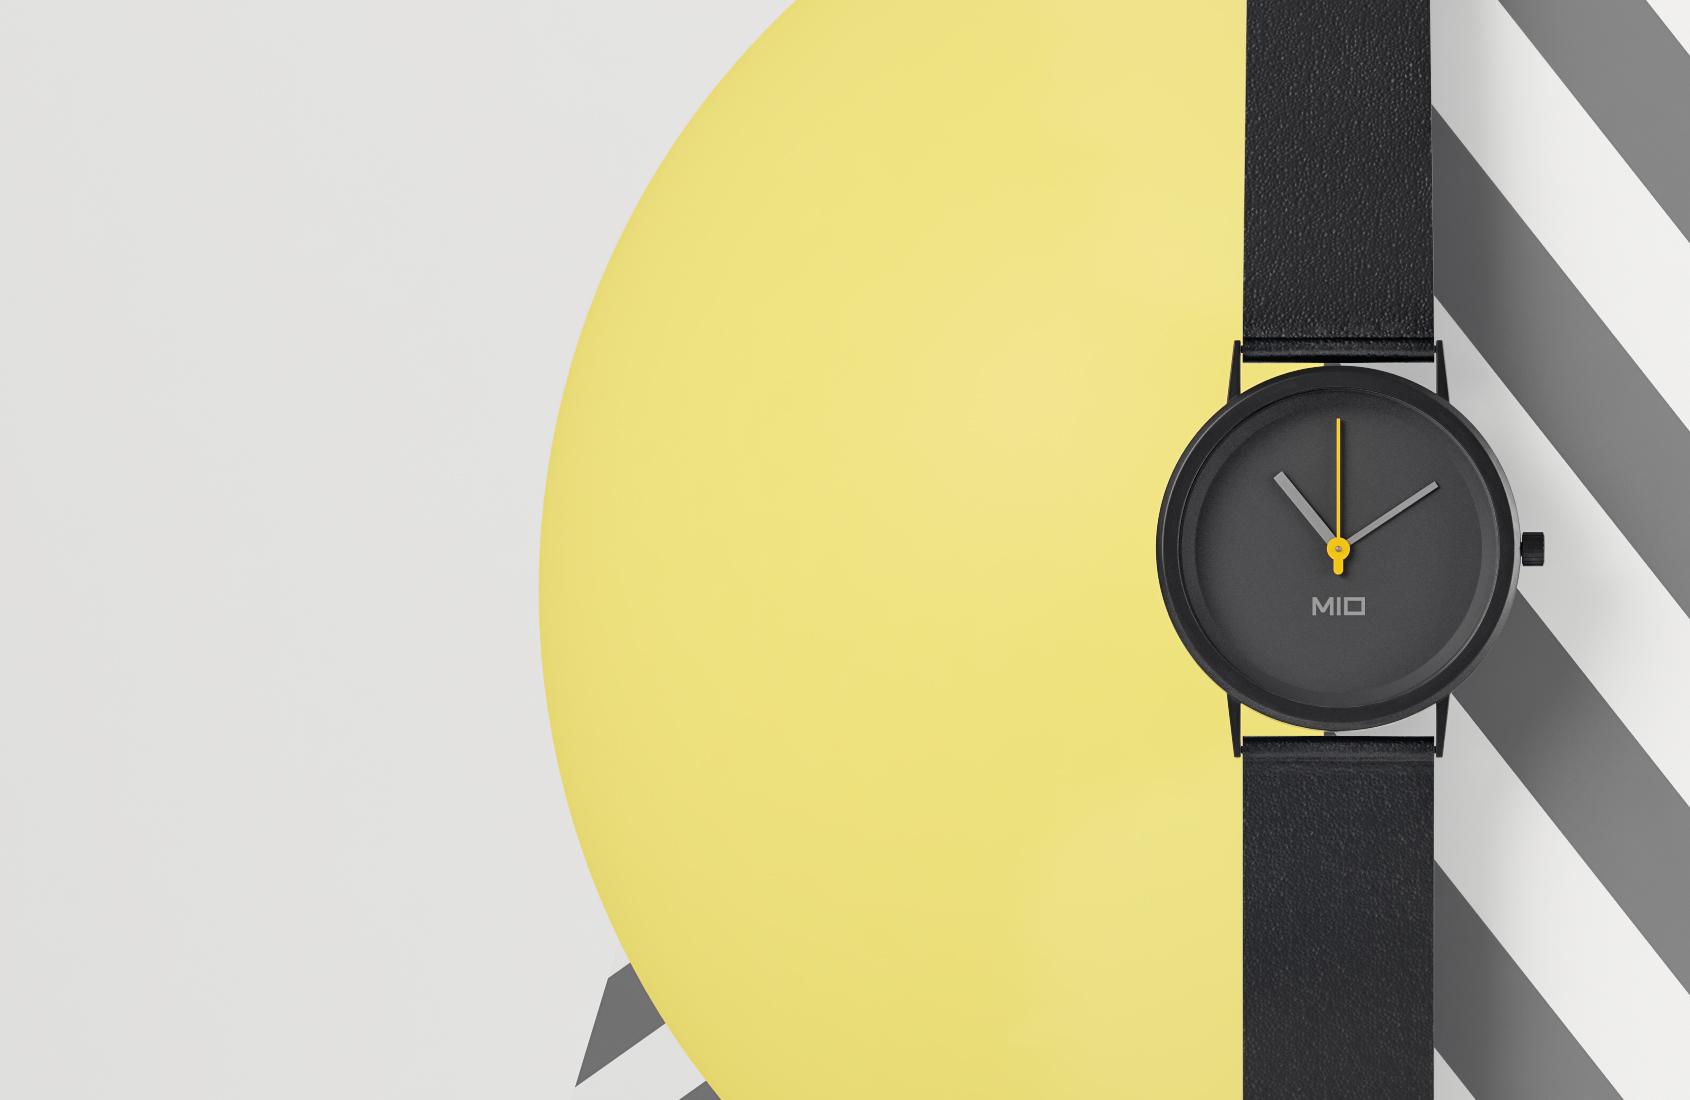 mio_watch_2_design_diseño_jorge_gago_cgi_3d